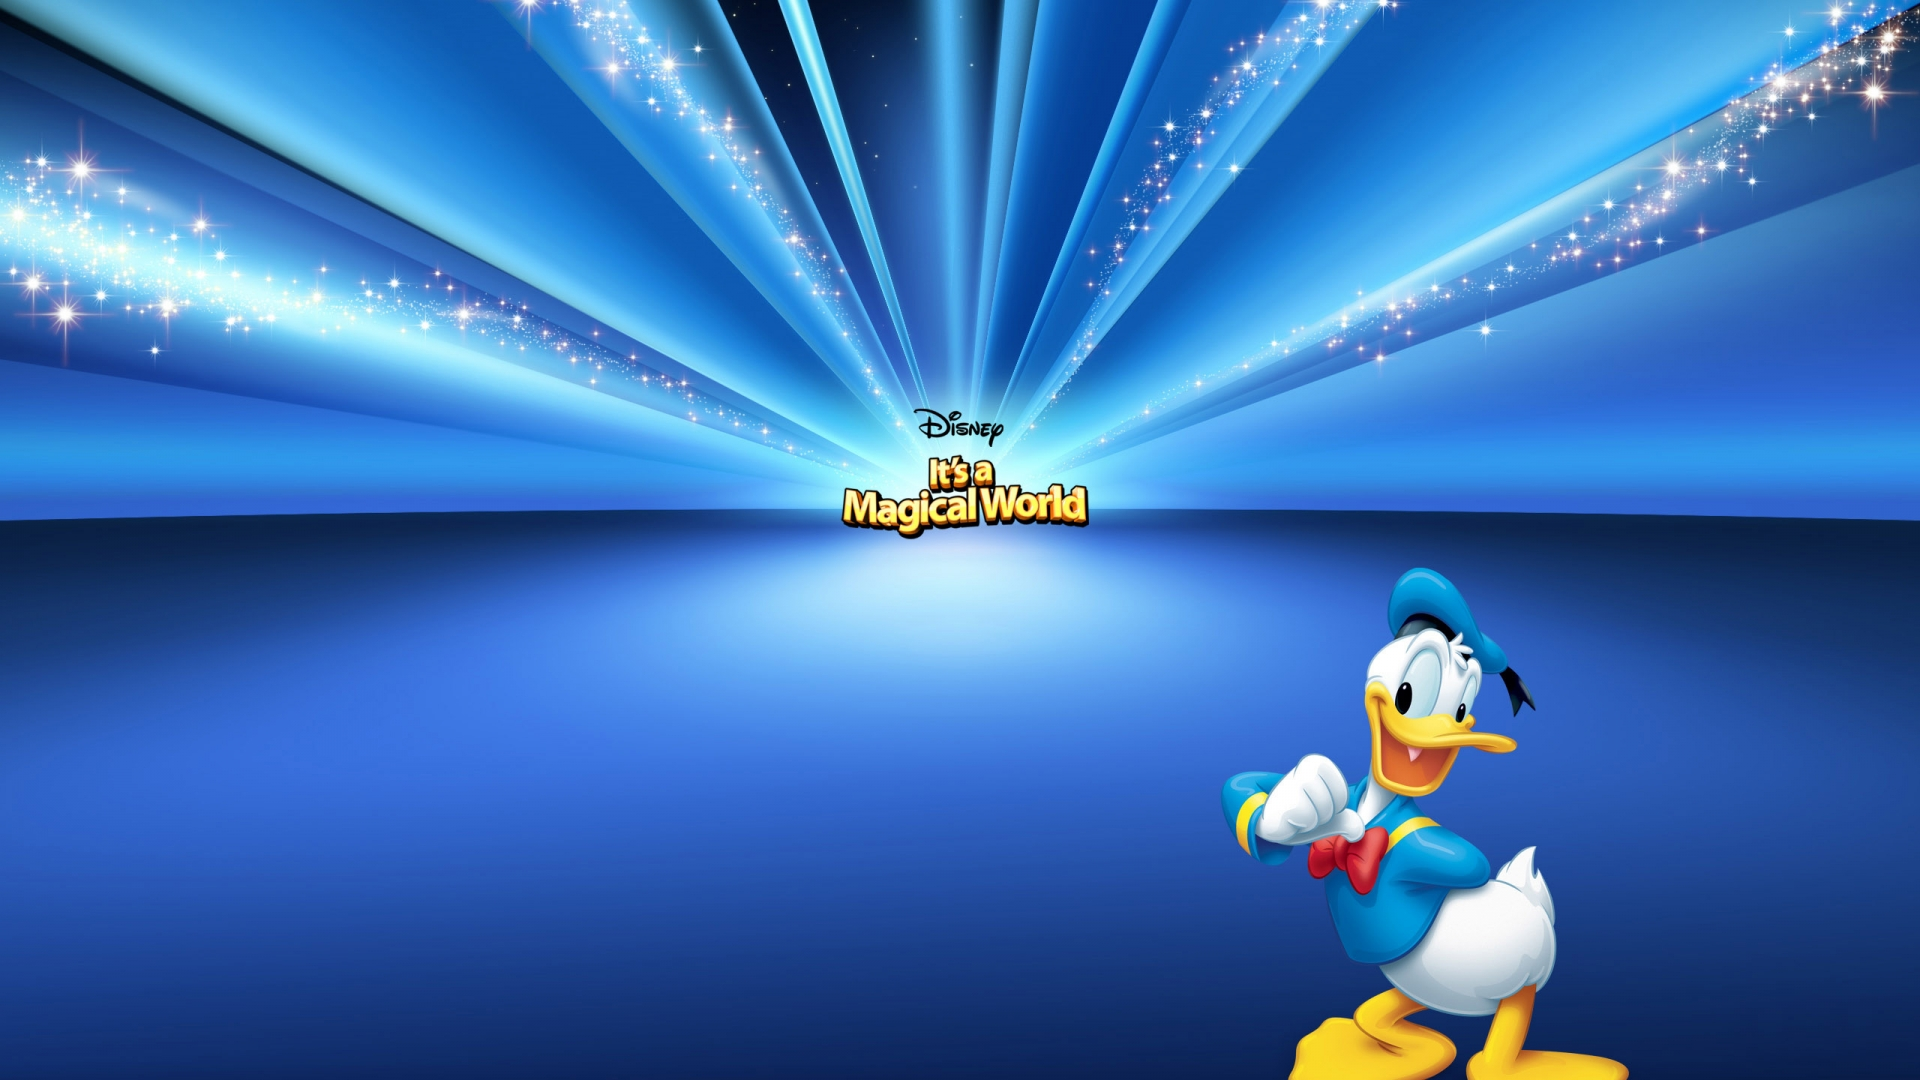 Donald duck cartoon high definition wallpapers hd - Donald duck wallpapers for desktop ...